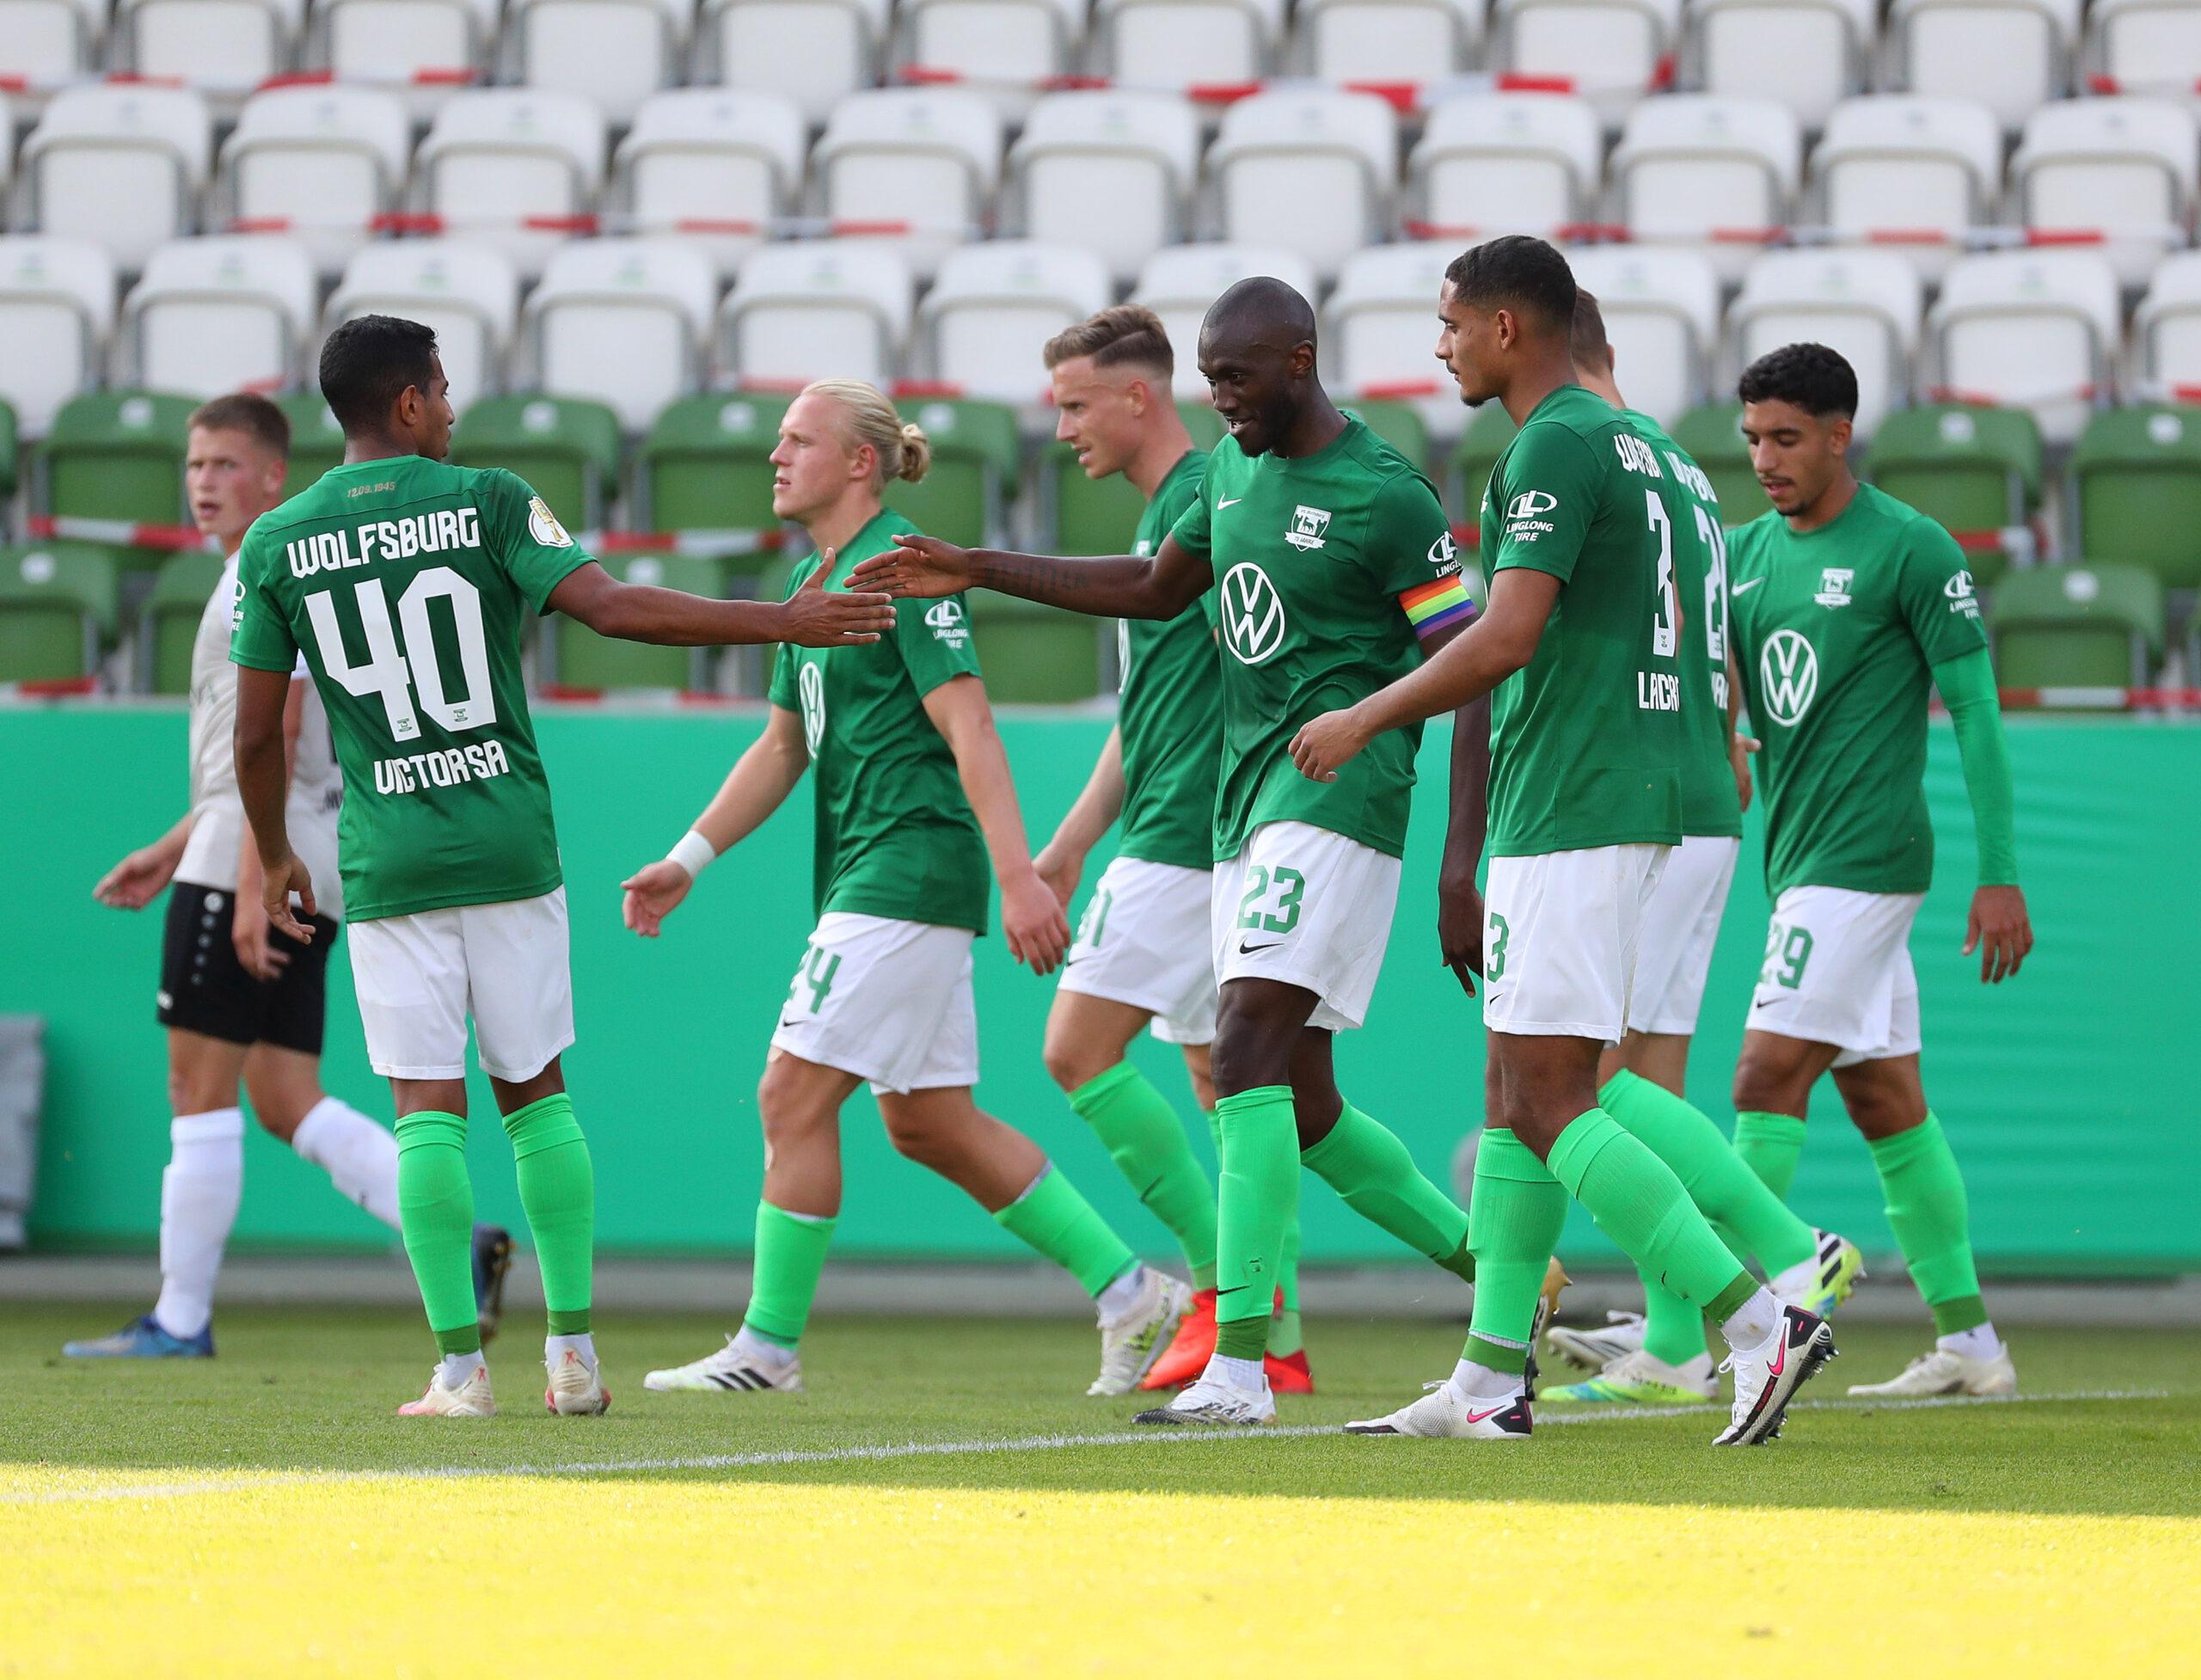 El Wolfsburg (Bundesliga) en su victoría la semana pasada frente al Union Fürstenwalde